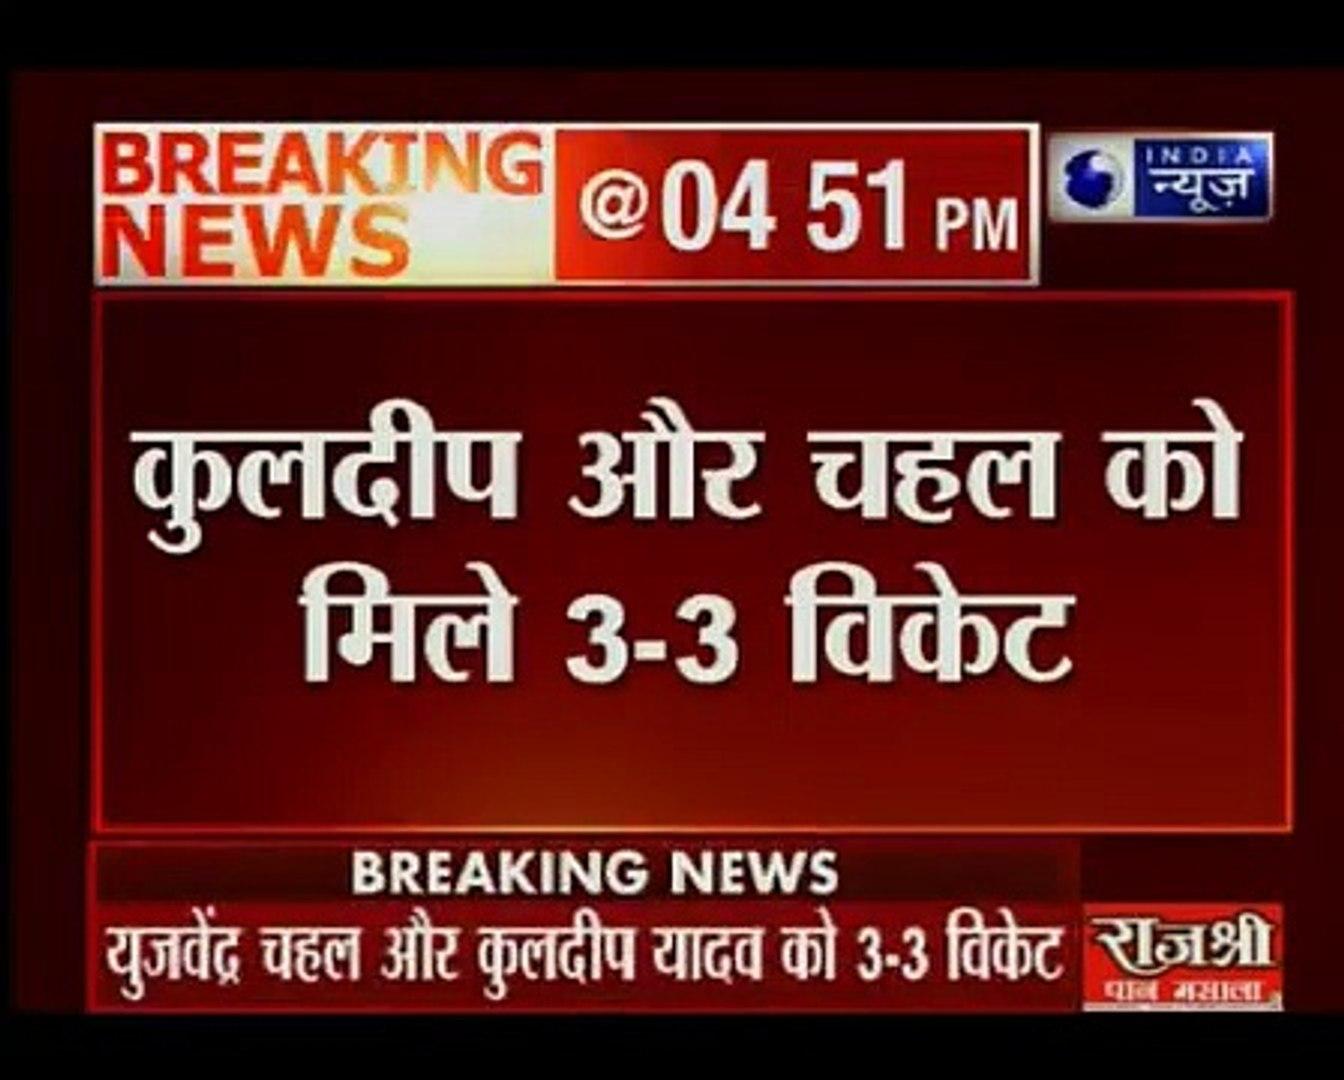 भारत को जीत के लिए 216 रन का लक्ष्य _ India need 216 runs to seal the series